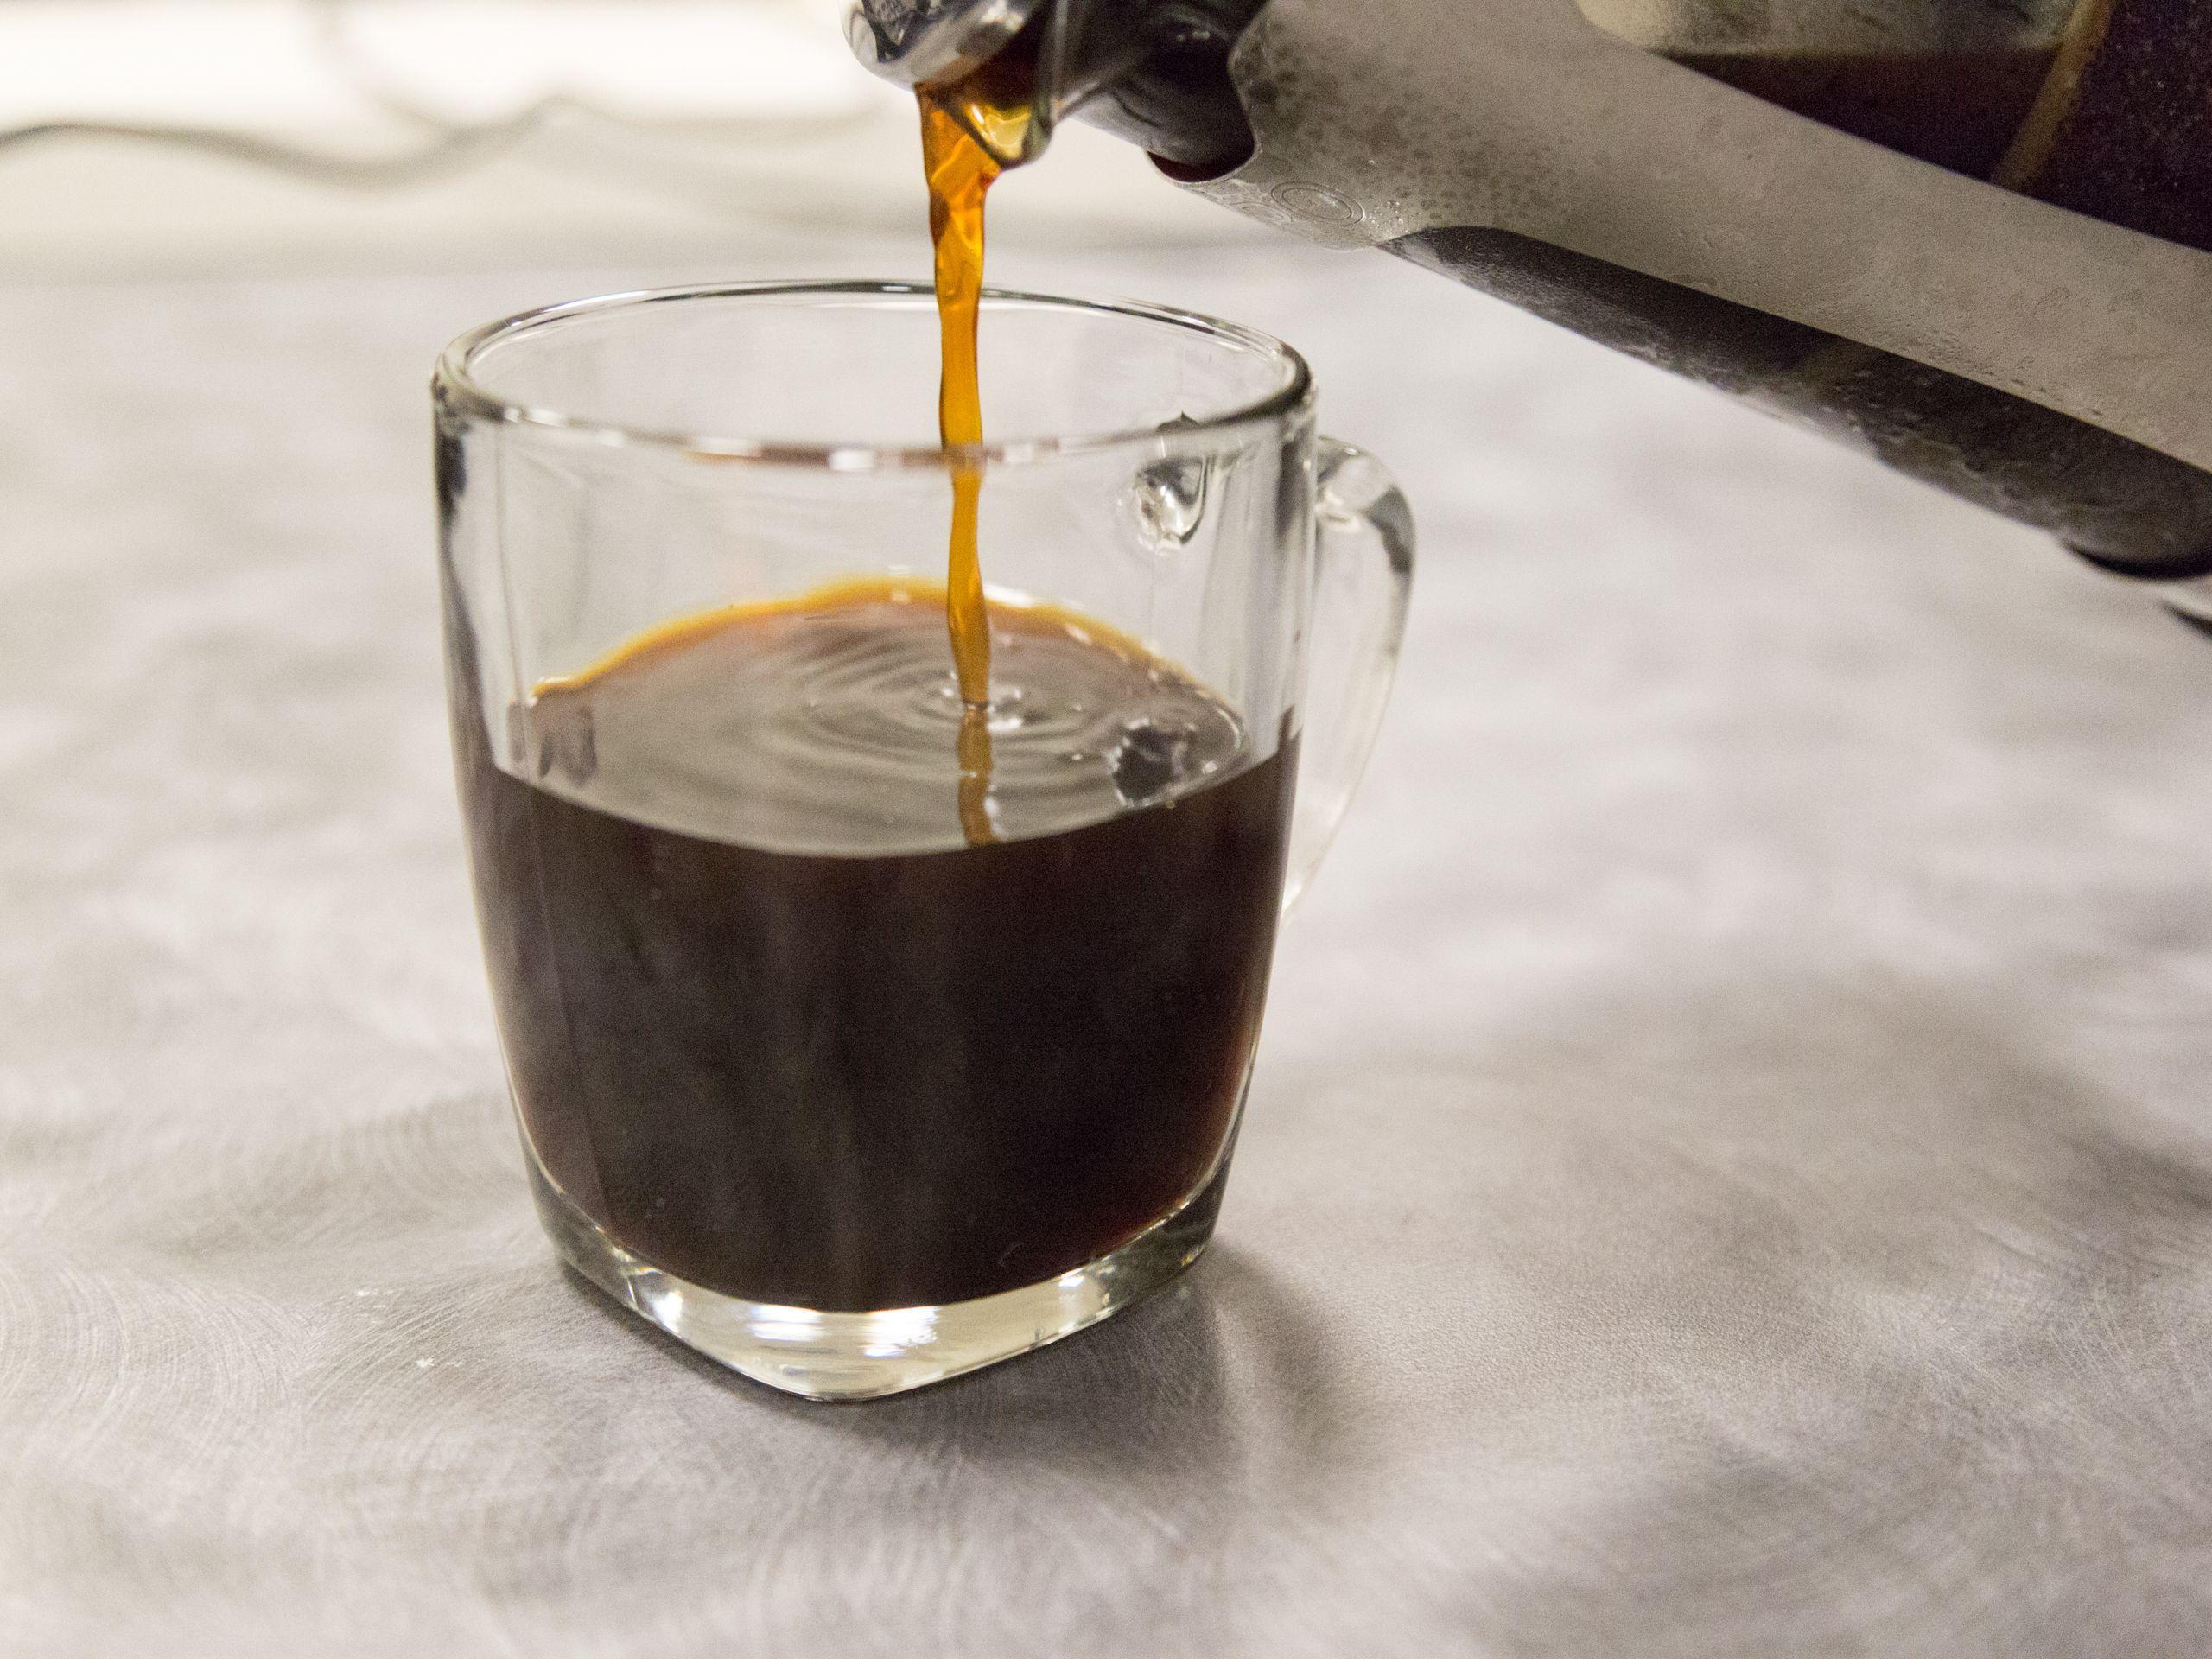 Coffee vs cold brew vs espresso which has the most